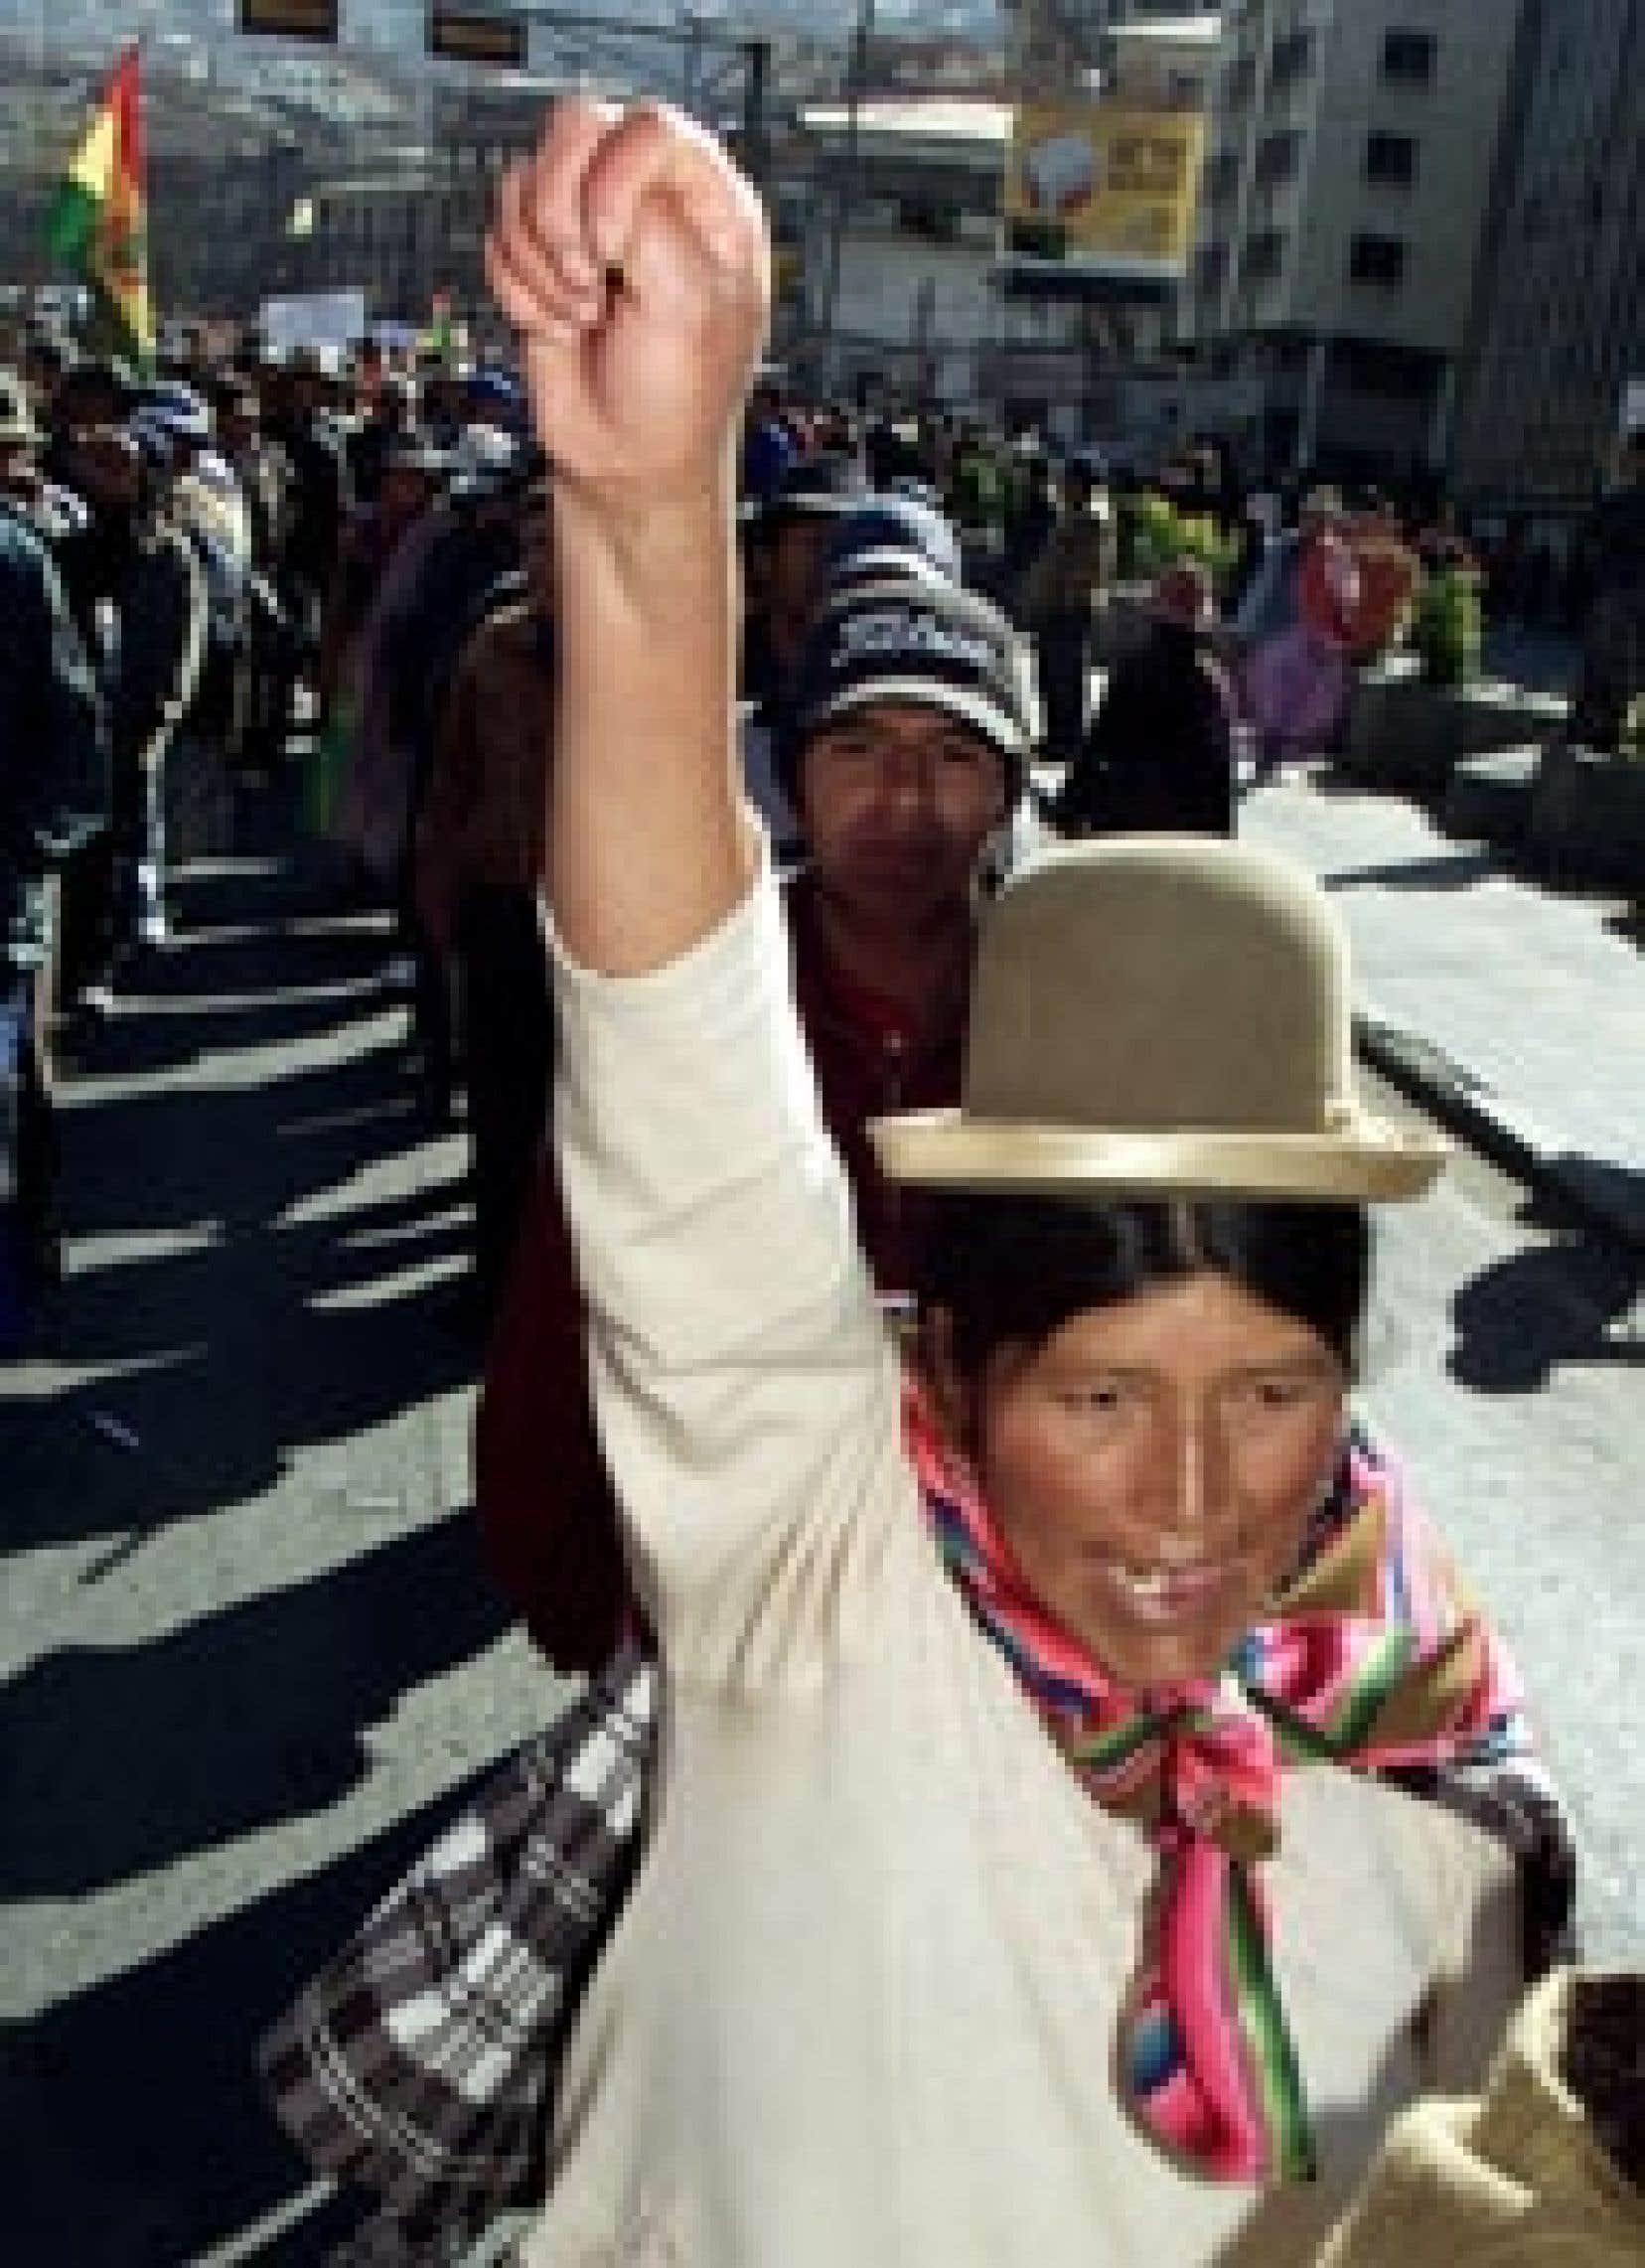 La journée a été calme, hier à La Paz, après l'annonce du président Mesa.